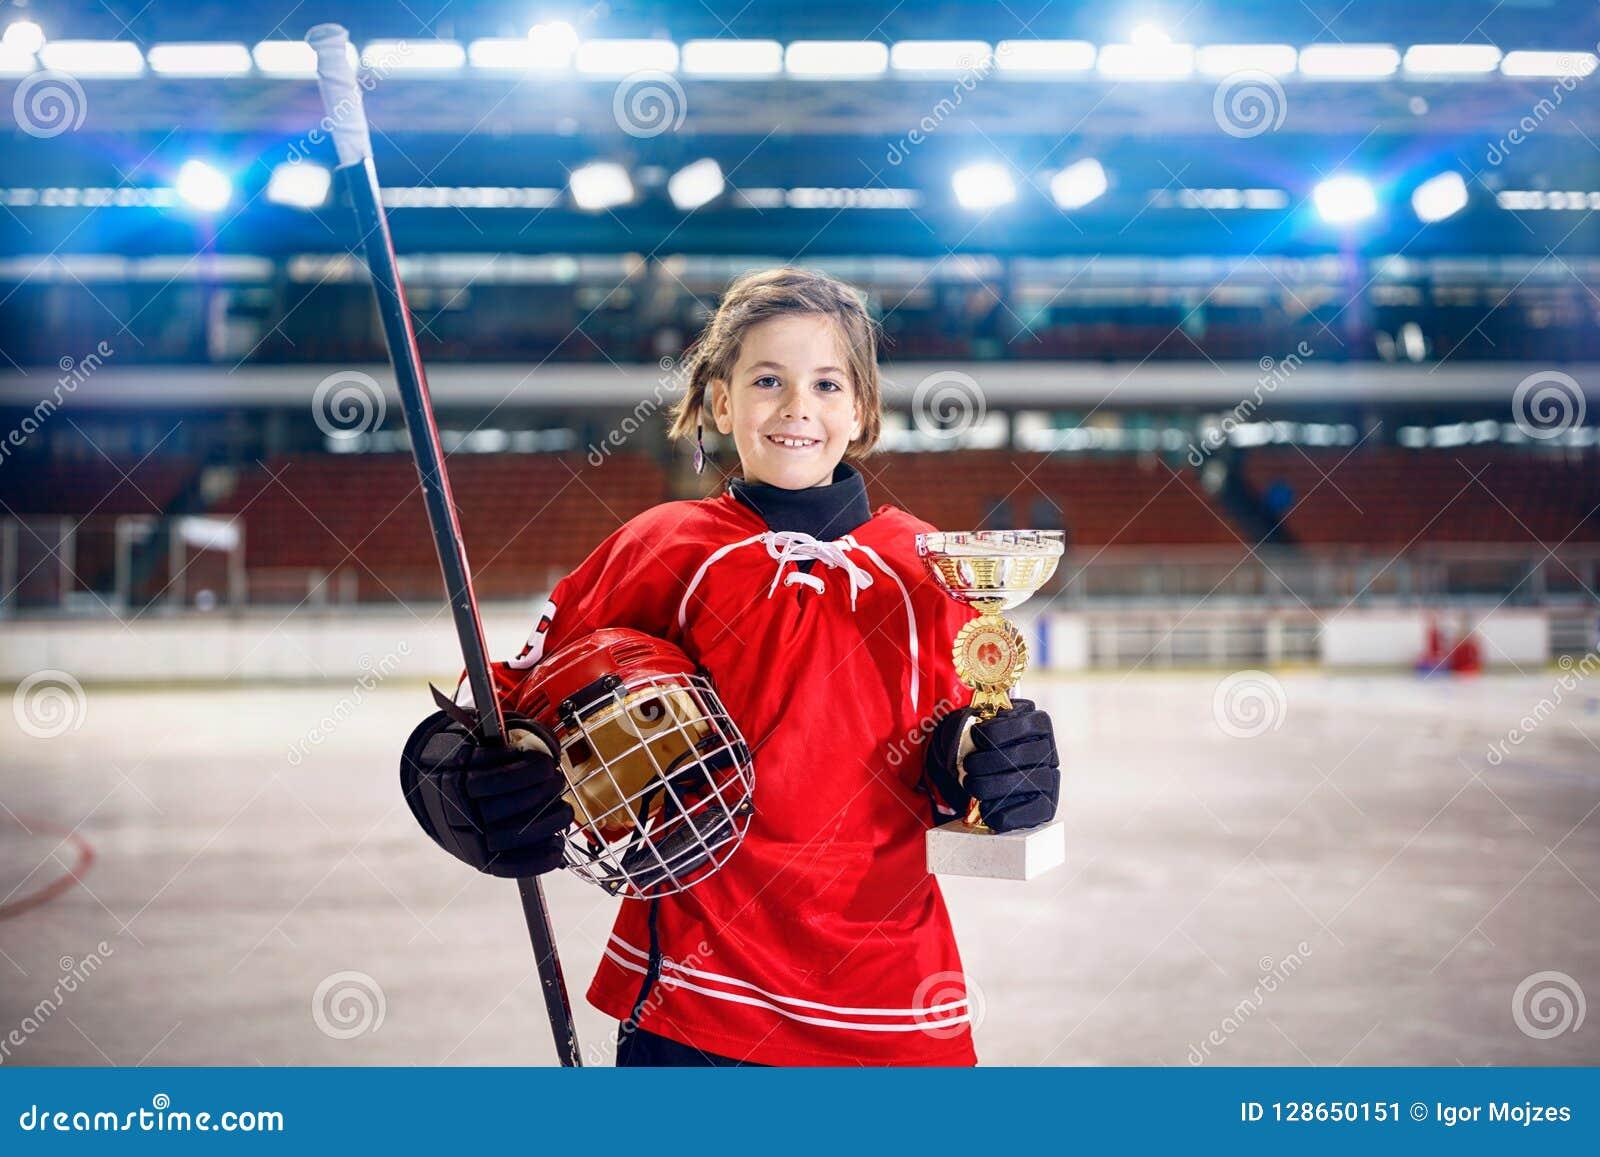 Trophée heureux de gagnant de hockey sur glace de joueuse de fille